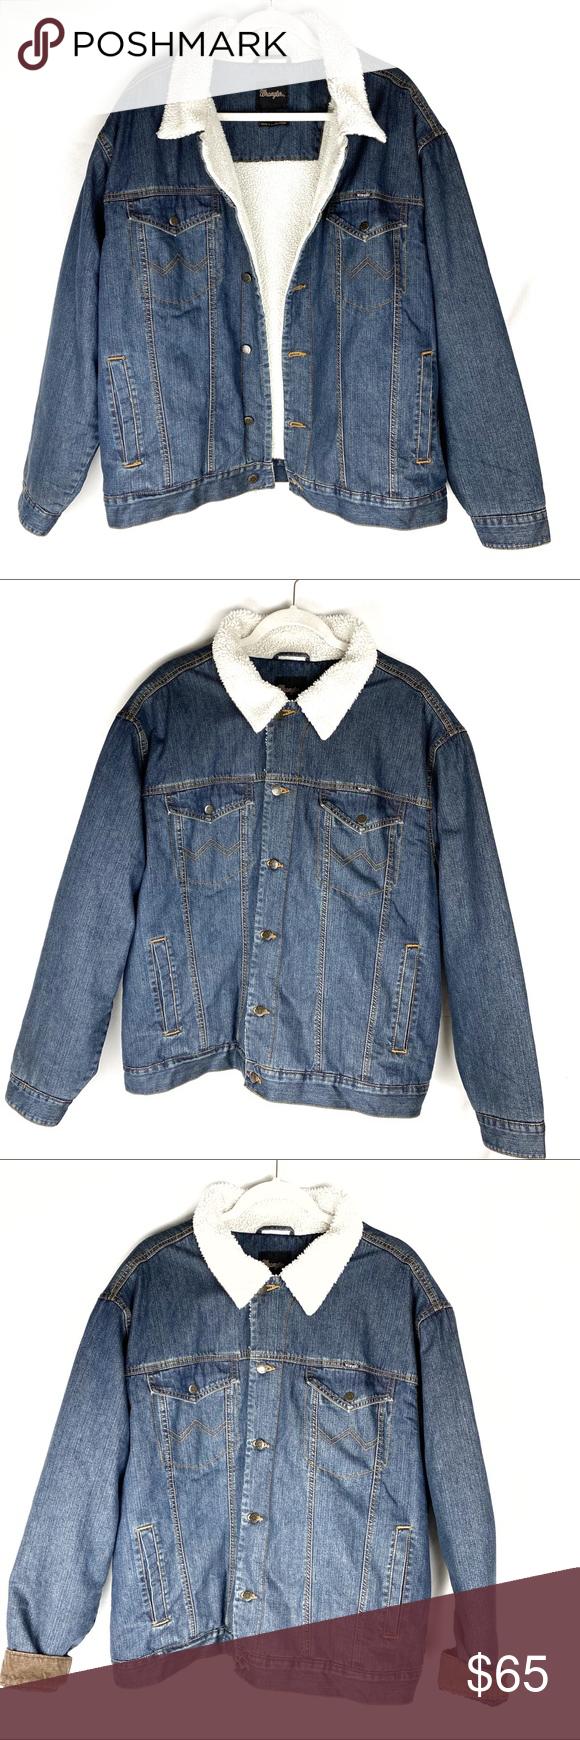 Vintage Wrangler Sherpa Lined Mens Jean Jacket Xl Jean Jacket Men Vintage Wrangler Mens Jeans [ 1740 x 580 Pixel ]